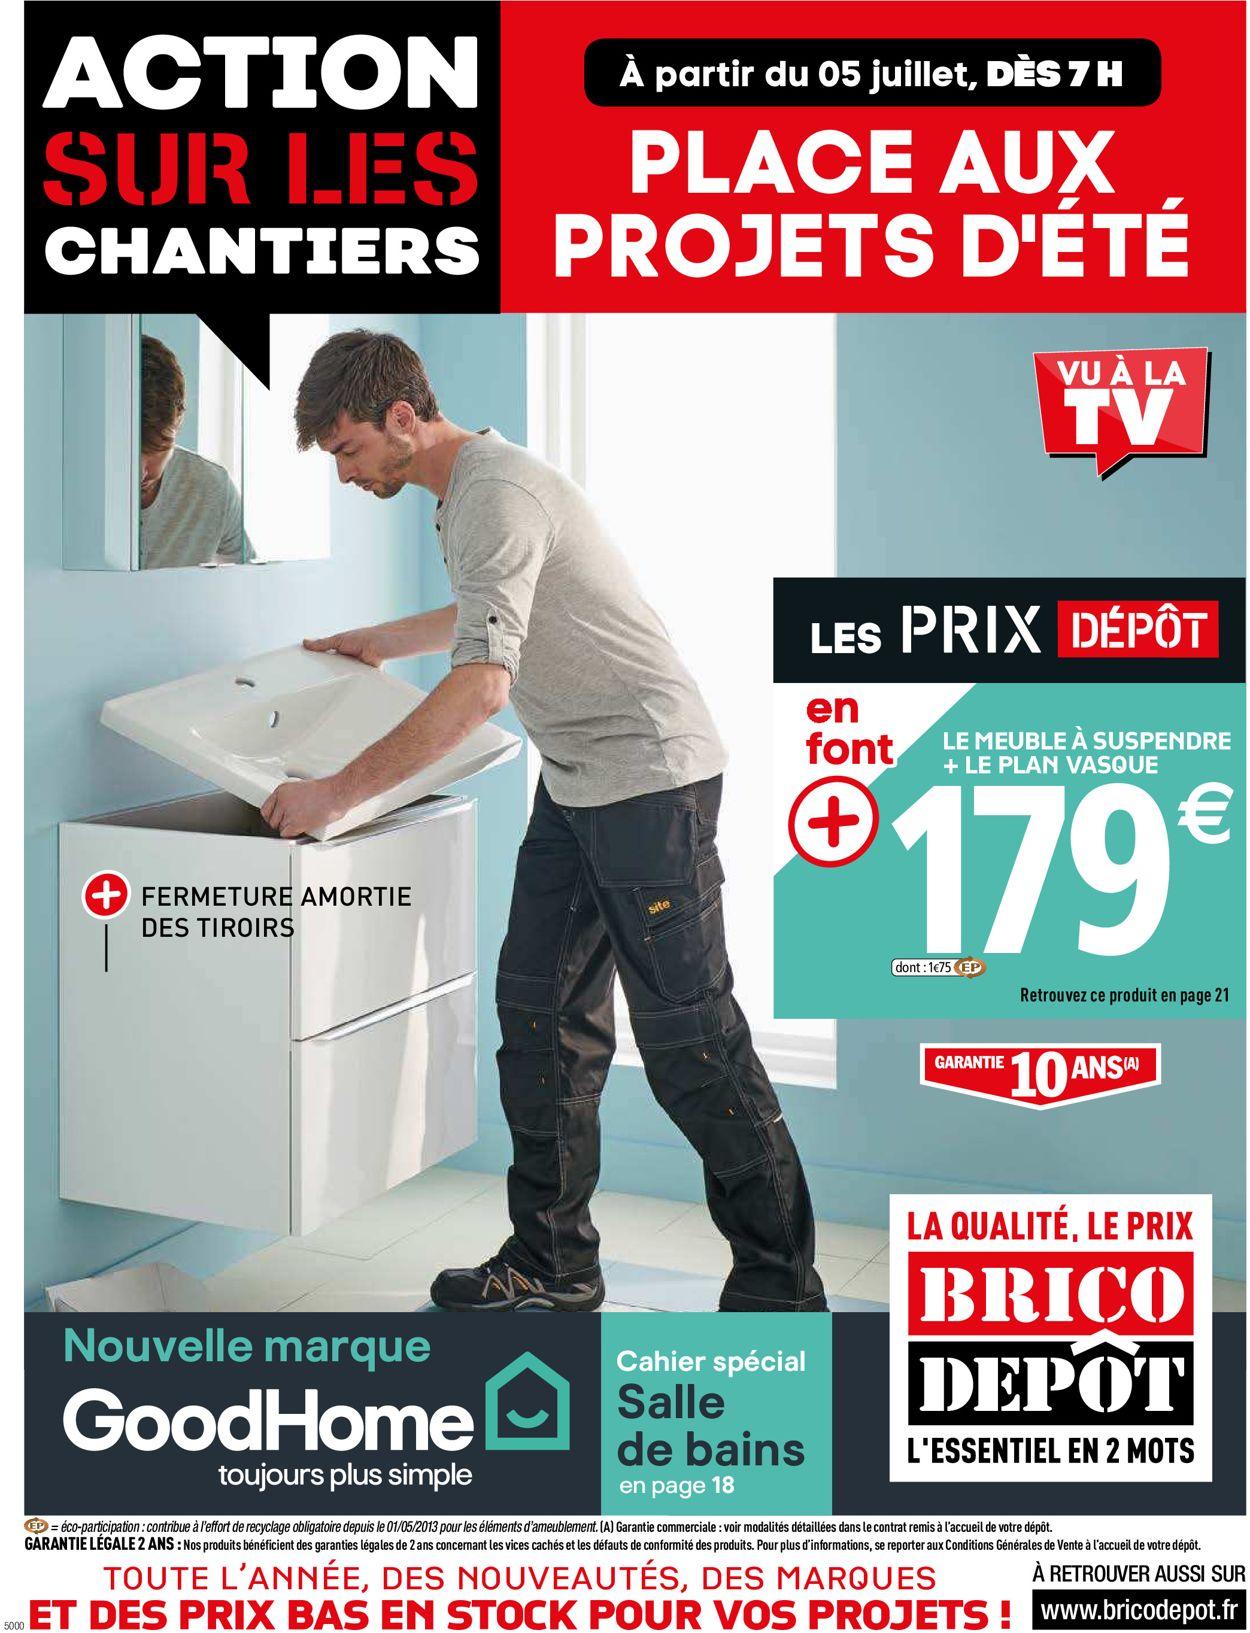 Brico Dépôt Catalogue - 05.07-25.07.2019